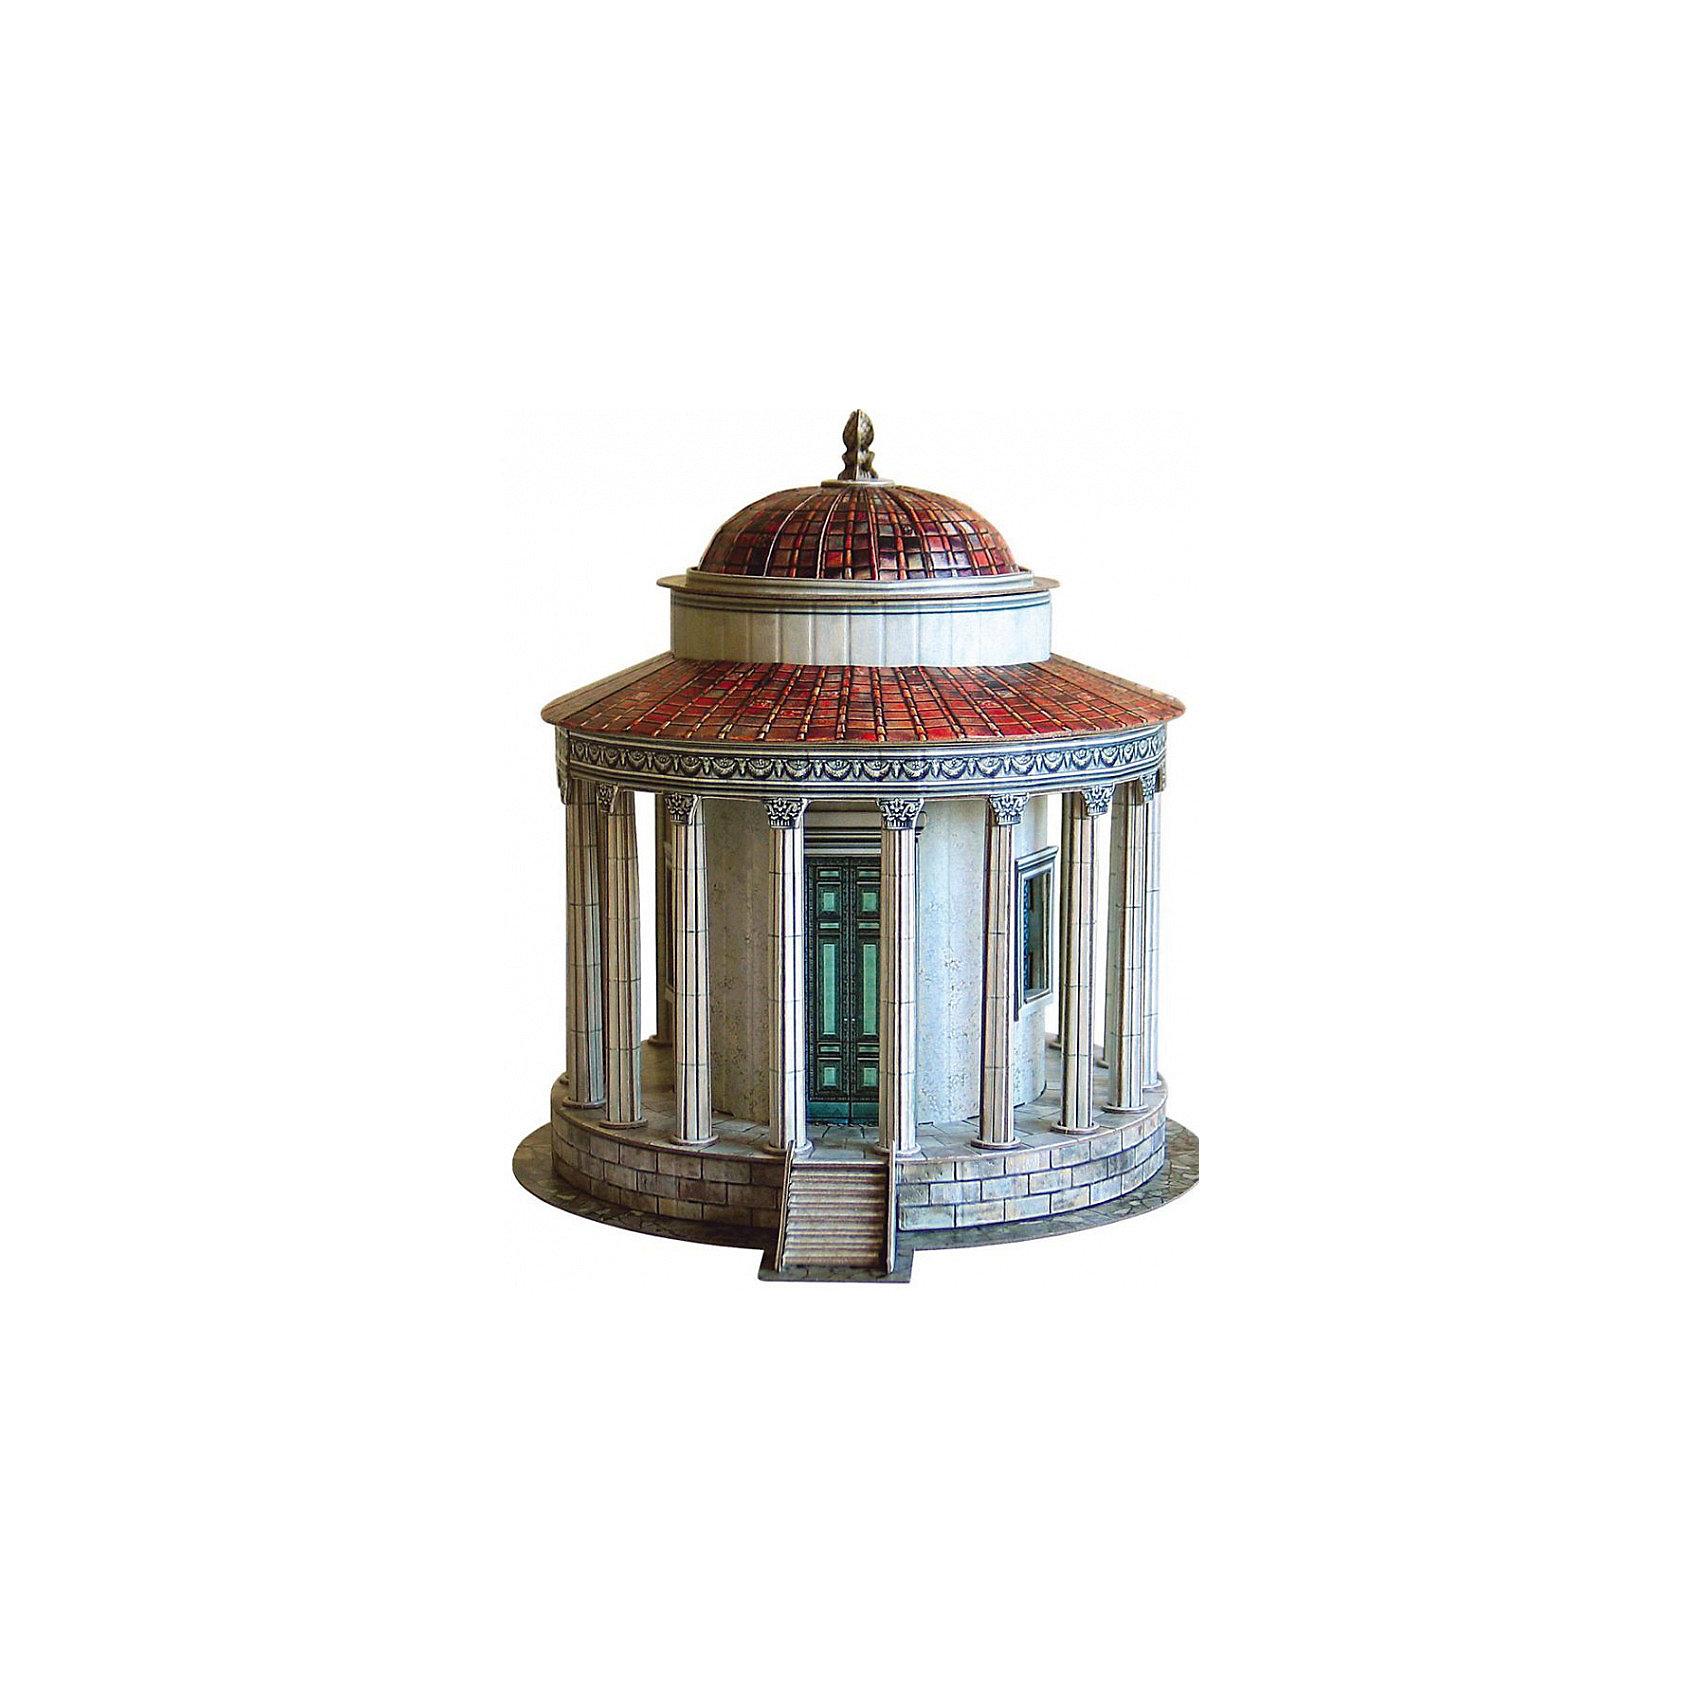 Сборная модель Храм Весты в ТиволиМодели из картона и бумаги<br>Храм Весты в Тиволи - Сборная модель из картона. Серия: Масштабные модели. Количество деталей, шт: 80. Размер в собранном виде, см: 16 x 17 x 18,5. Размер упаковки, мм.:  высота 368 ширина 252 глубина 23. Тип упаковки: Картонная коробка. Вес, гр.: 368. Возраст: от 9 лет. Все модели и игрушки, созданные по технологии УМНАЯ БУМАГА собираются без ножниц и клея, что является их неповторимой особенностью.<br>Принцип соединения деталей запатентован. Соединения деталей продуманы и просчитаны с такой точностью, что при правильной сборке с моделью можно играть, как с обычной игрушкой.<br><br>Ширина мм: 252<br>Глубина мм: 23<br>Высота мм: 368<br>Вес г: 368<br>Возраст от месяцев: 84<br>Возраст до месяцев: 2147483647<br>Пол: Унисекс<br>Возраст: Детский<br>SKU: 4807481